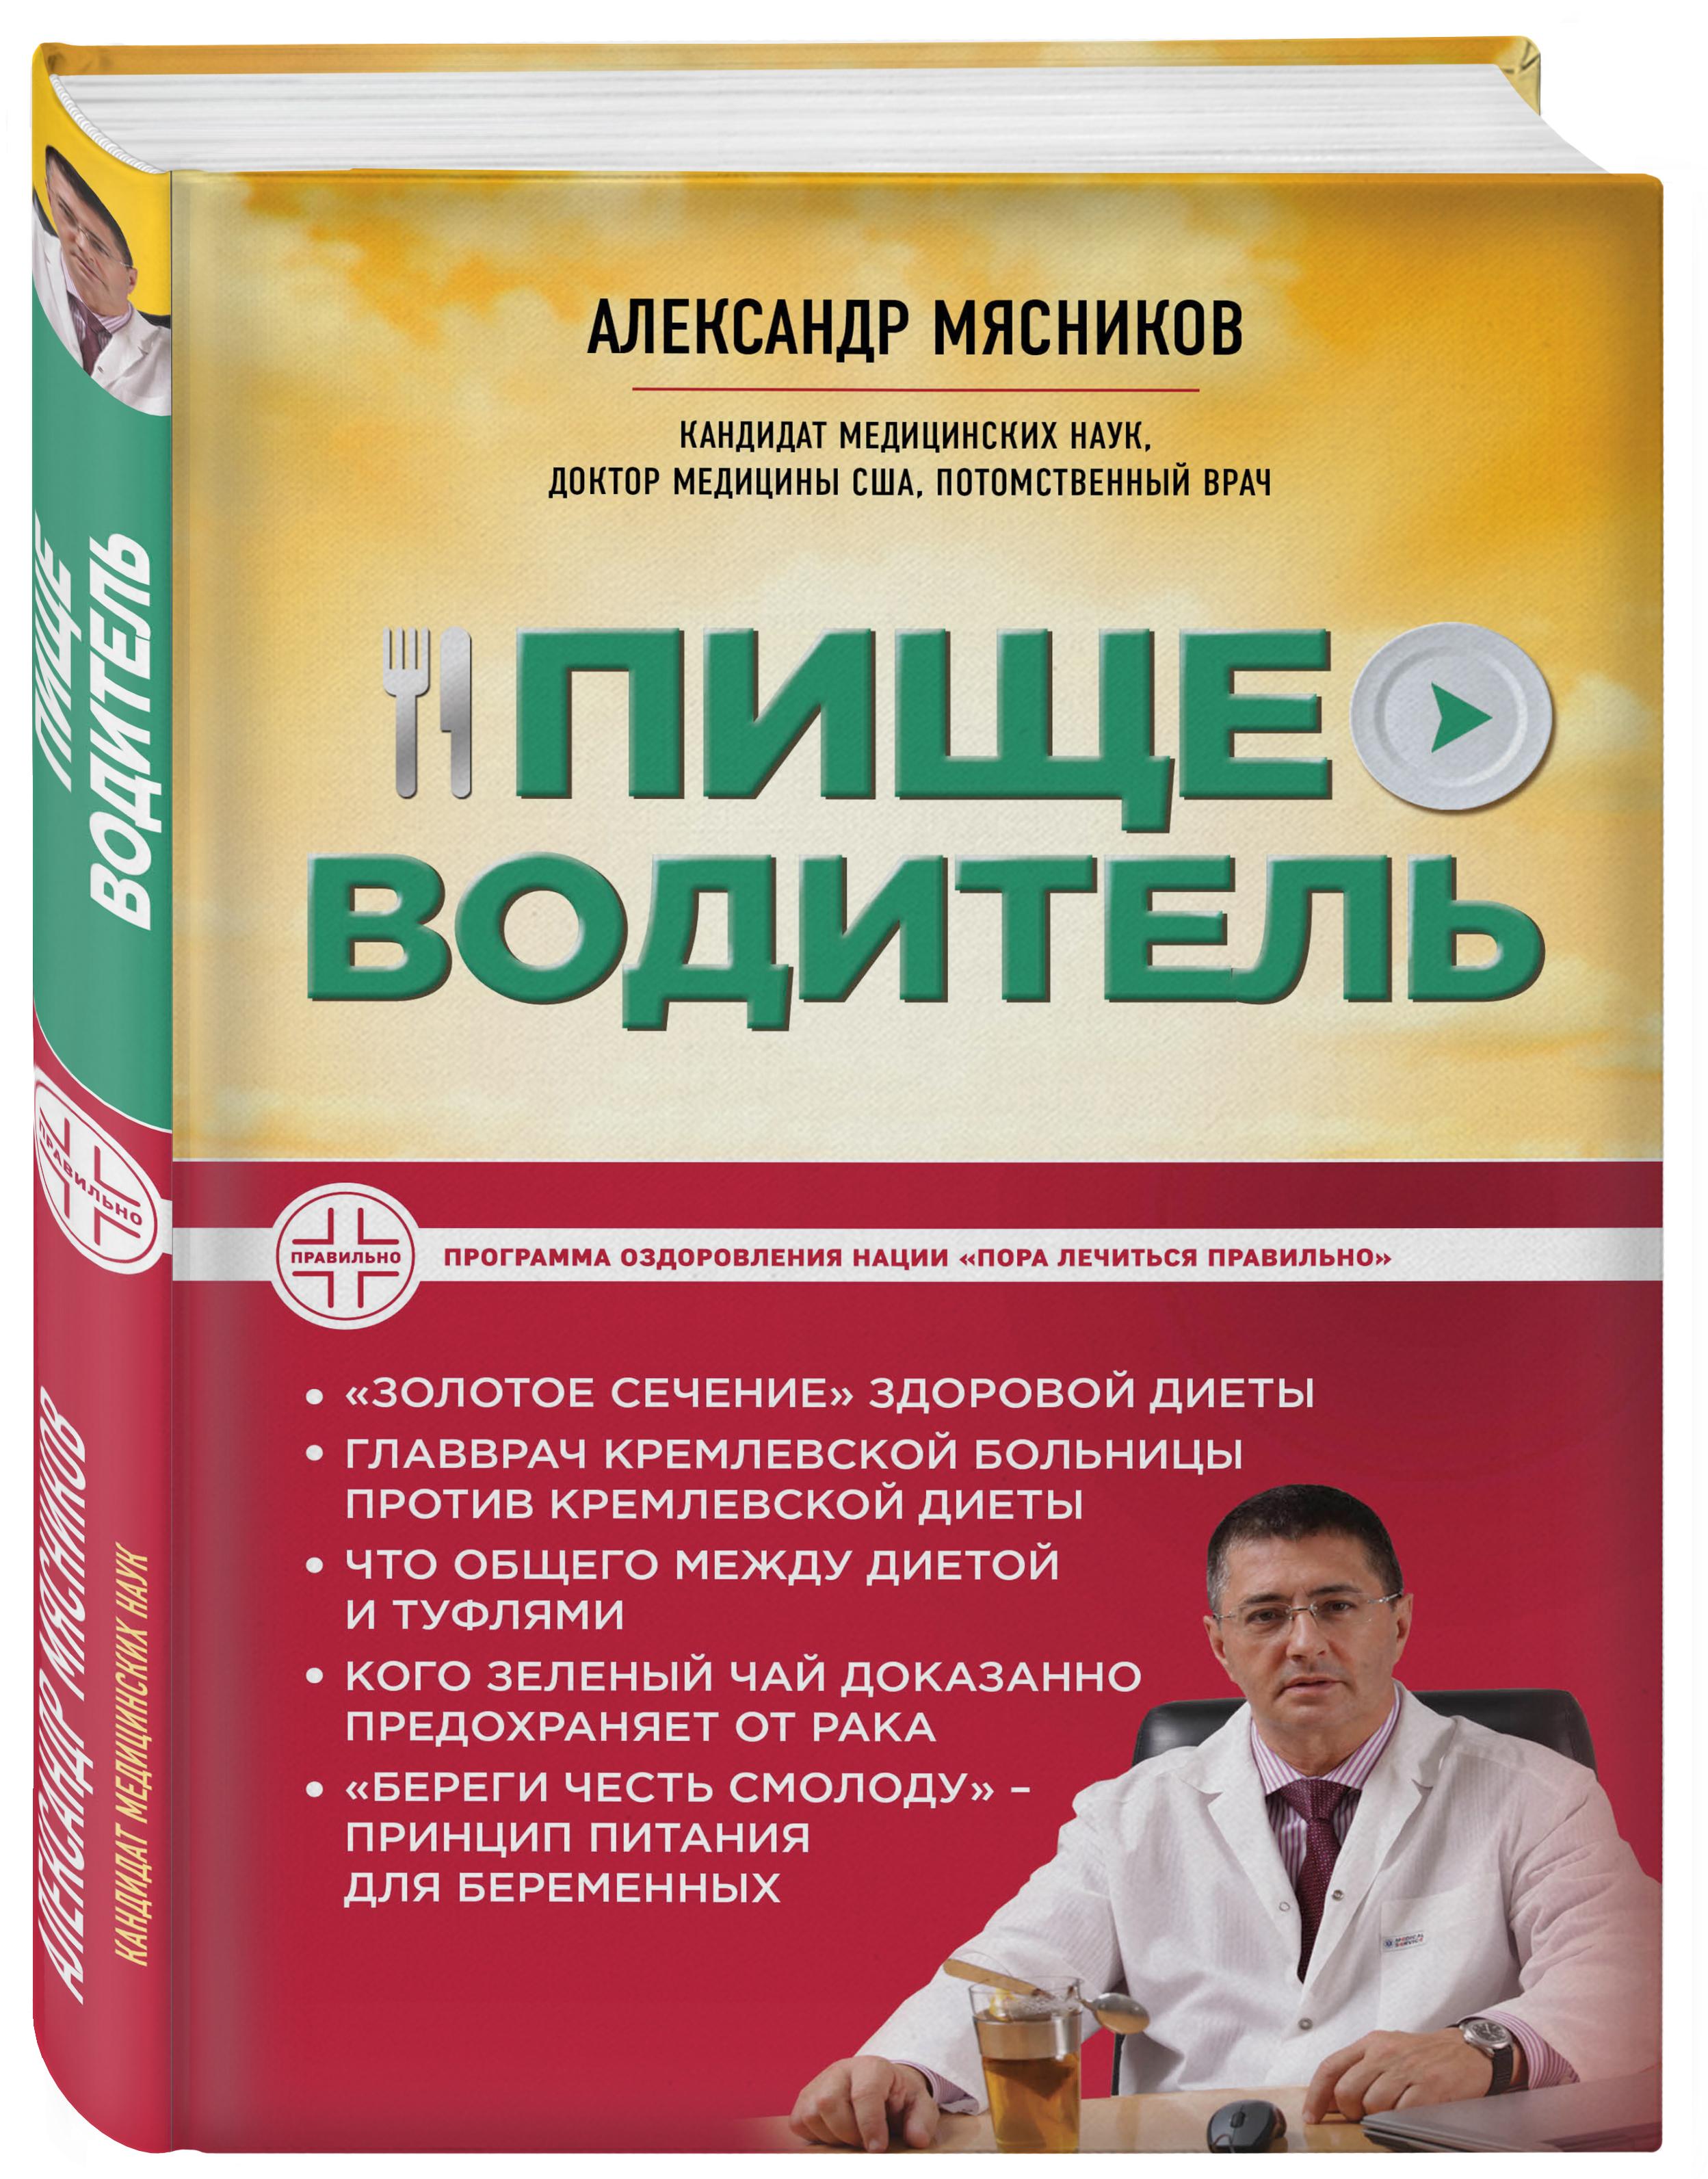 Мясников А.Л. Пищеводитель